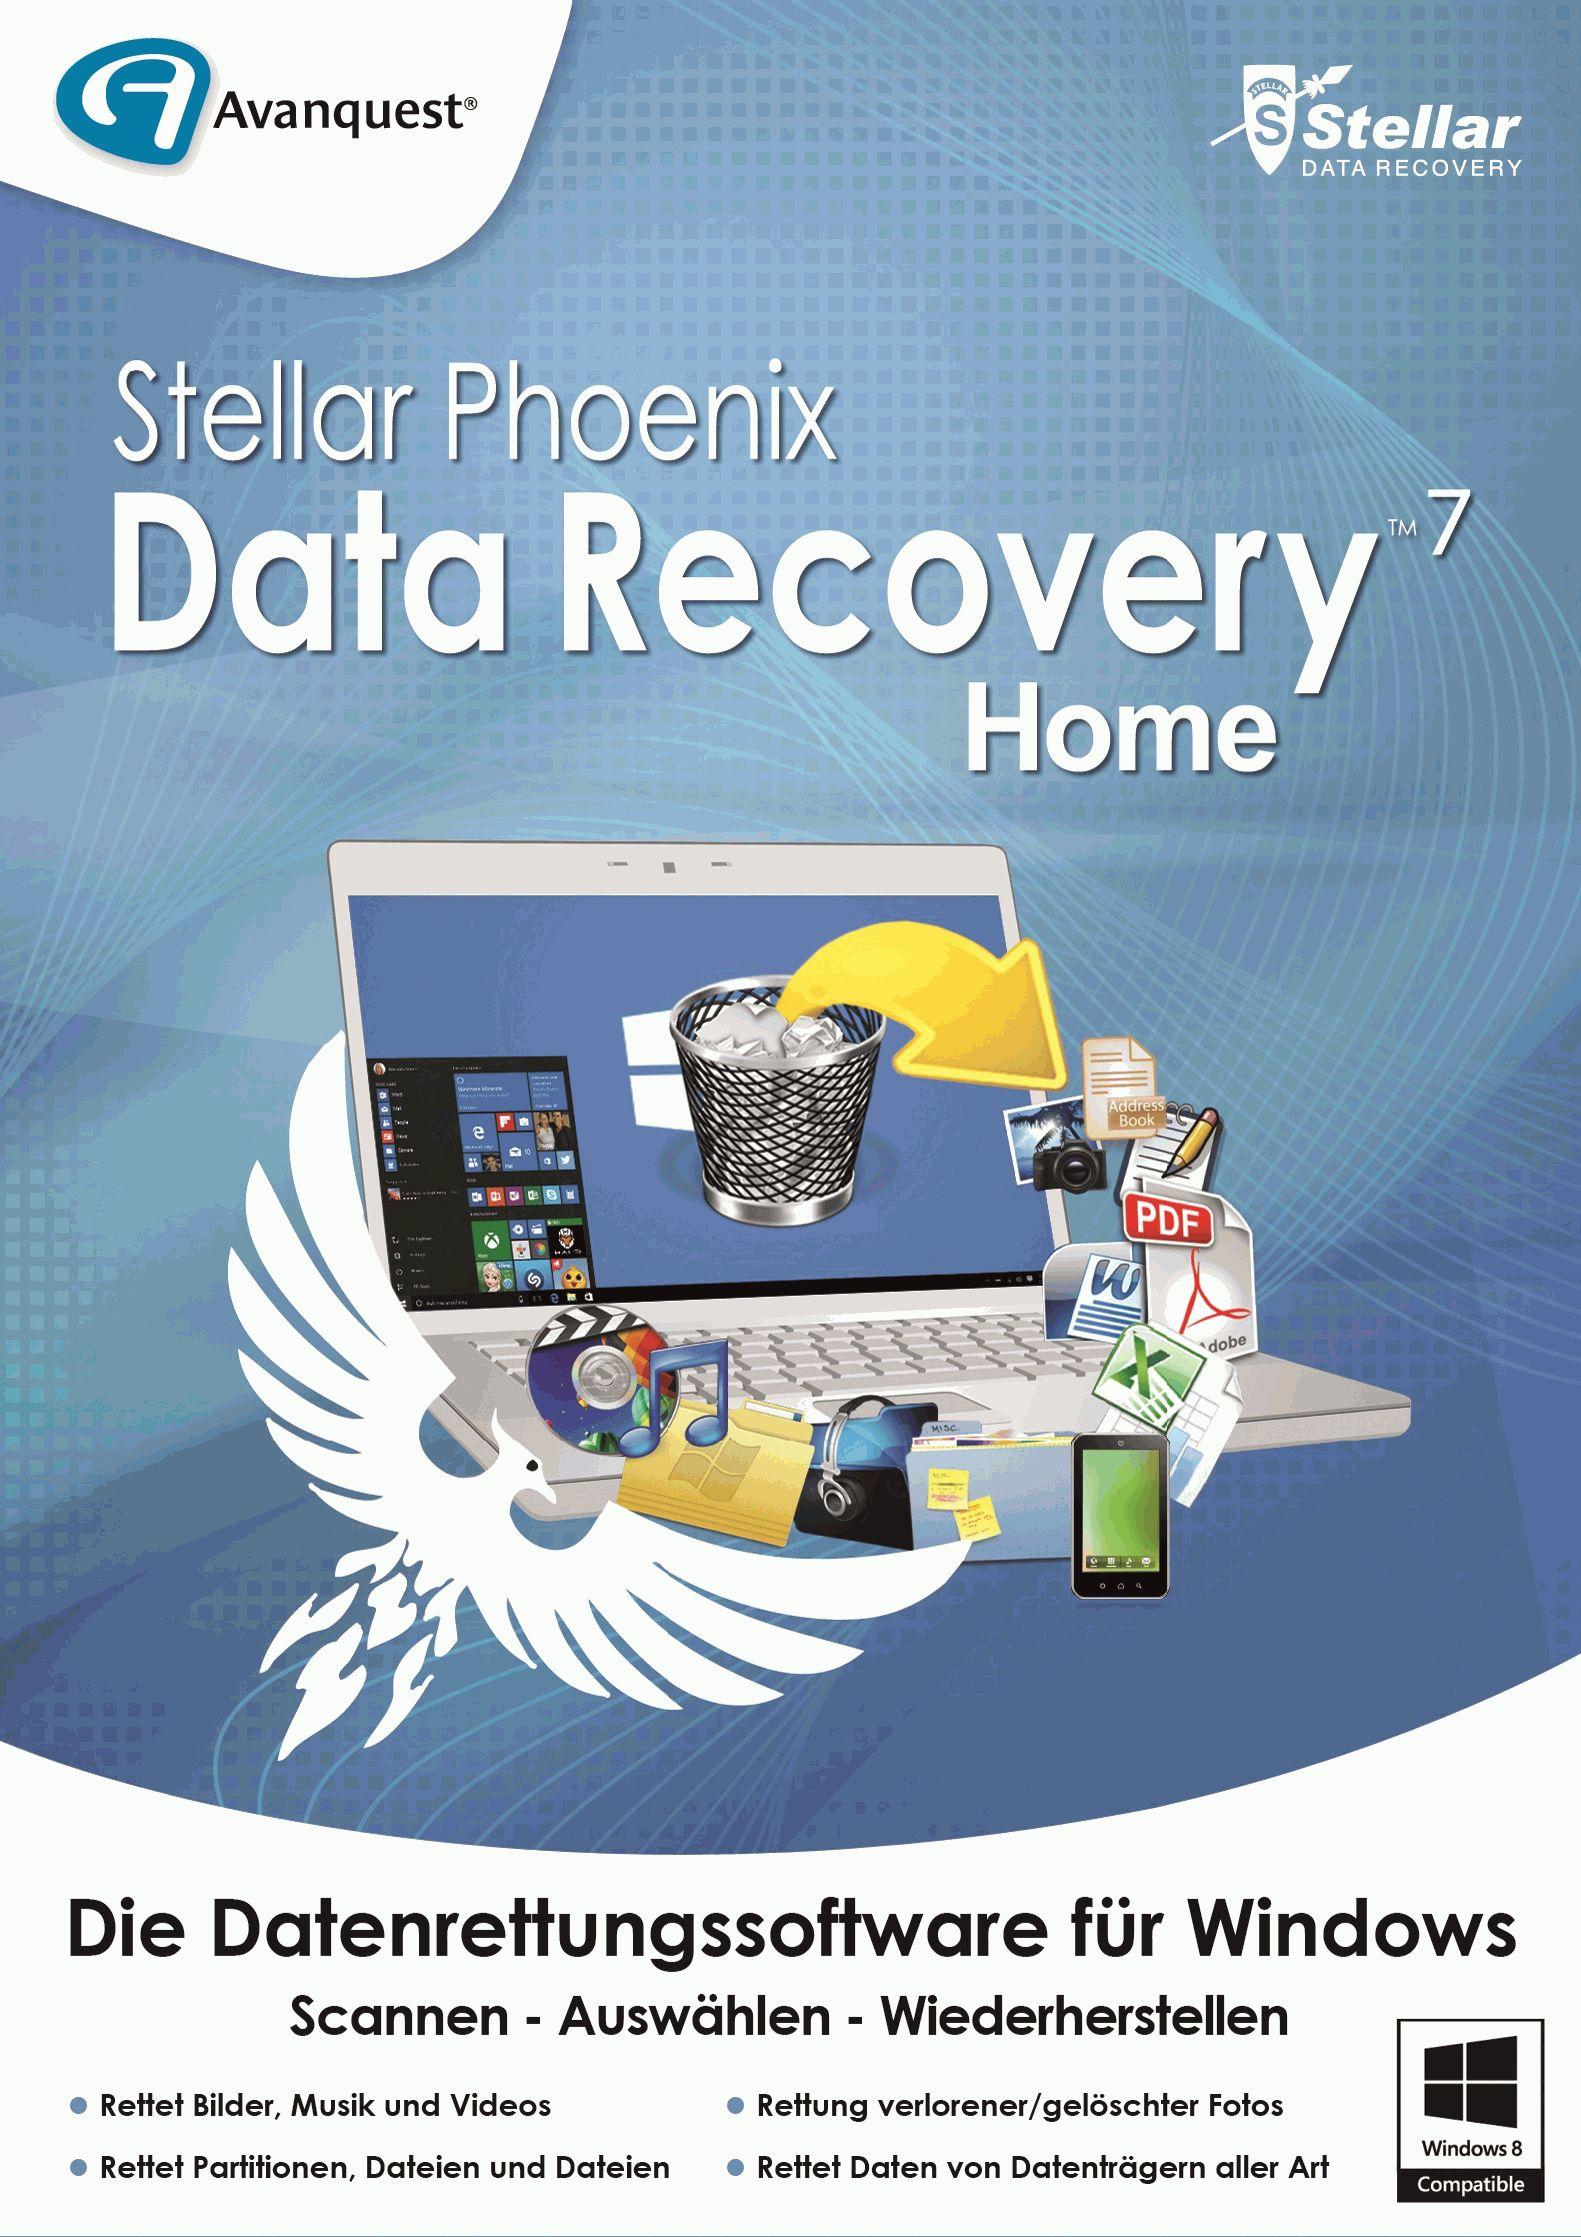 Stellar Phoenix Data Recovery 7 Home - Datenrettung in drei einfachen Schritten: Scannen, Auswählen, Wiederherstellen! Windows 10|8.1|8|7|Vista [Download]